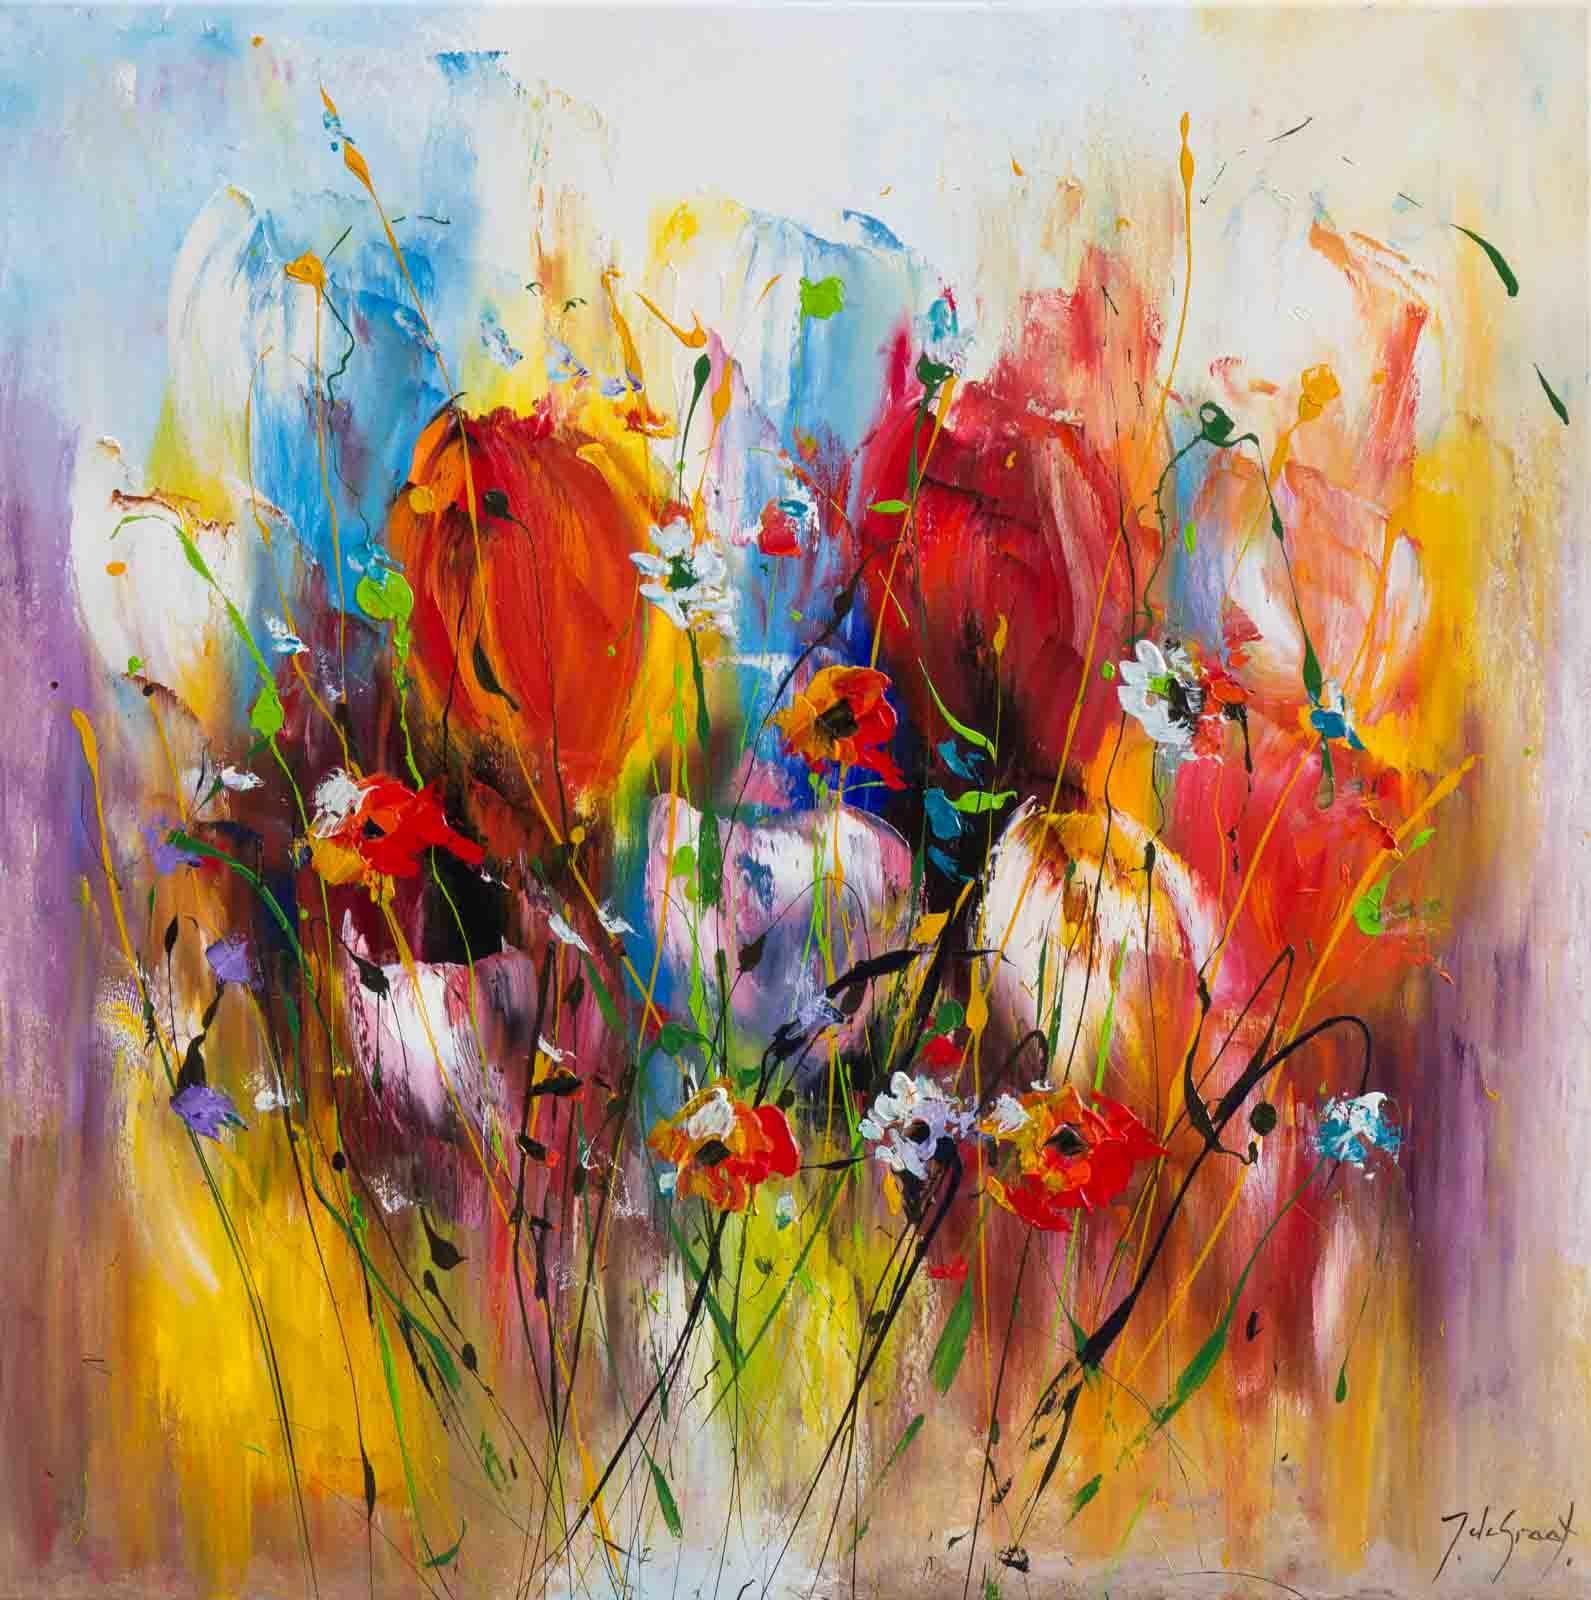 Floral Dance II, Jochem De Graaf